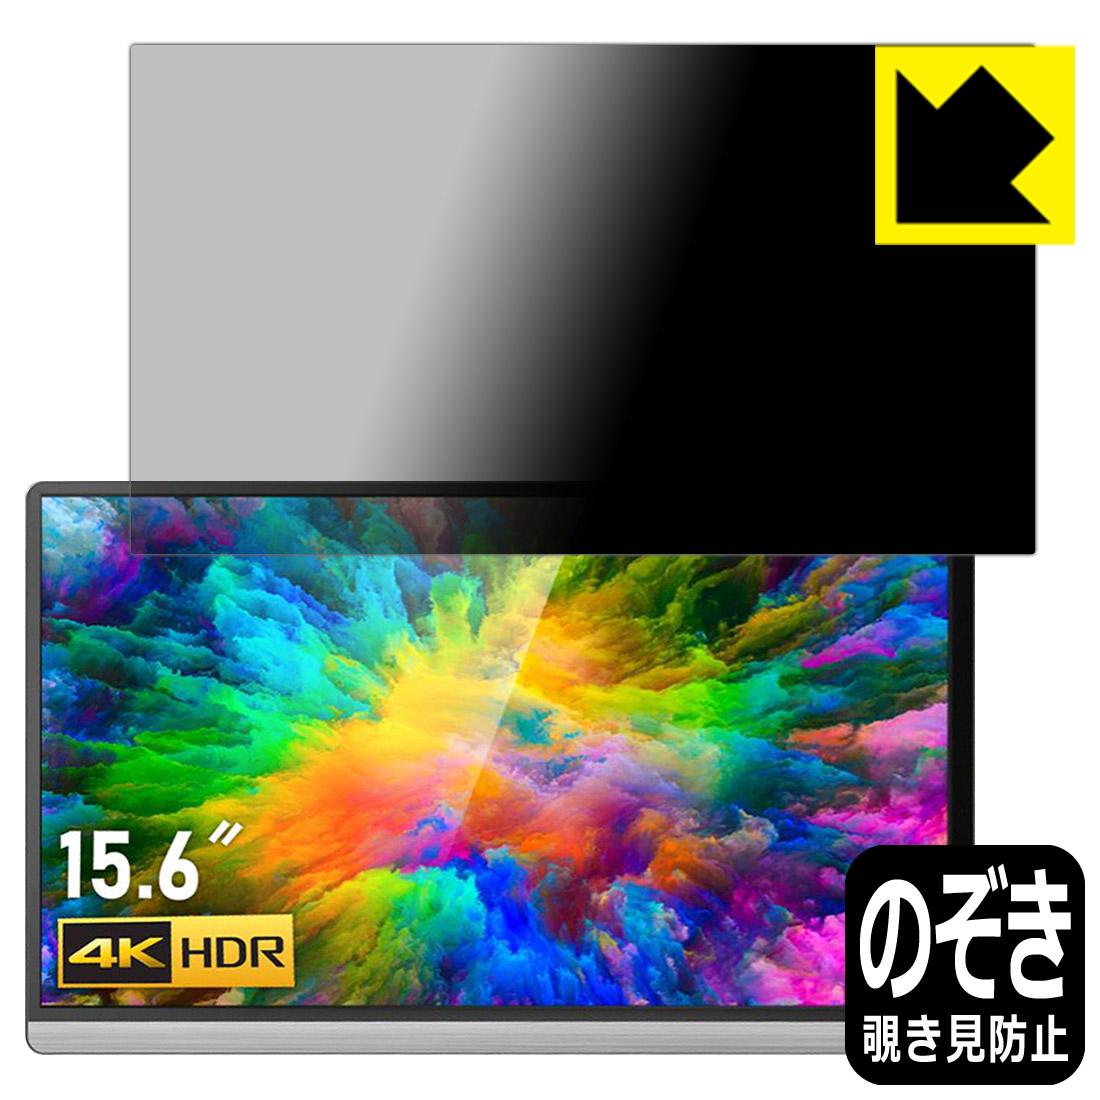 【送料無料】Privacy Shield T-Bao T15-4K 15.6インチ ポータブルモニター 【smtb-kd】